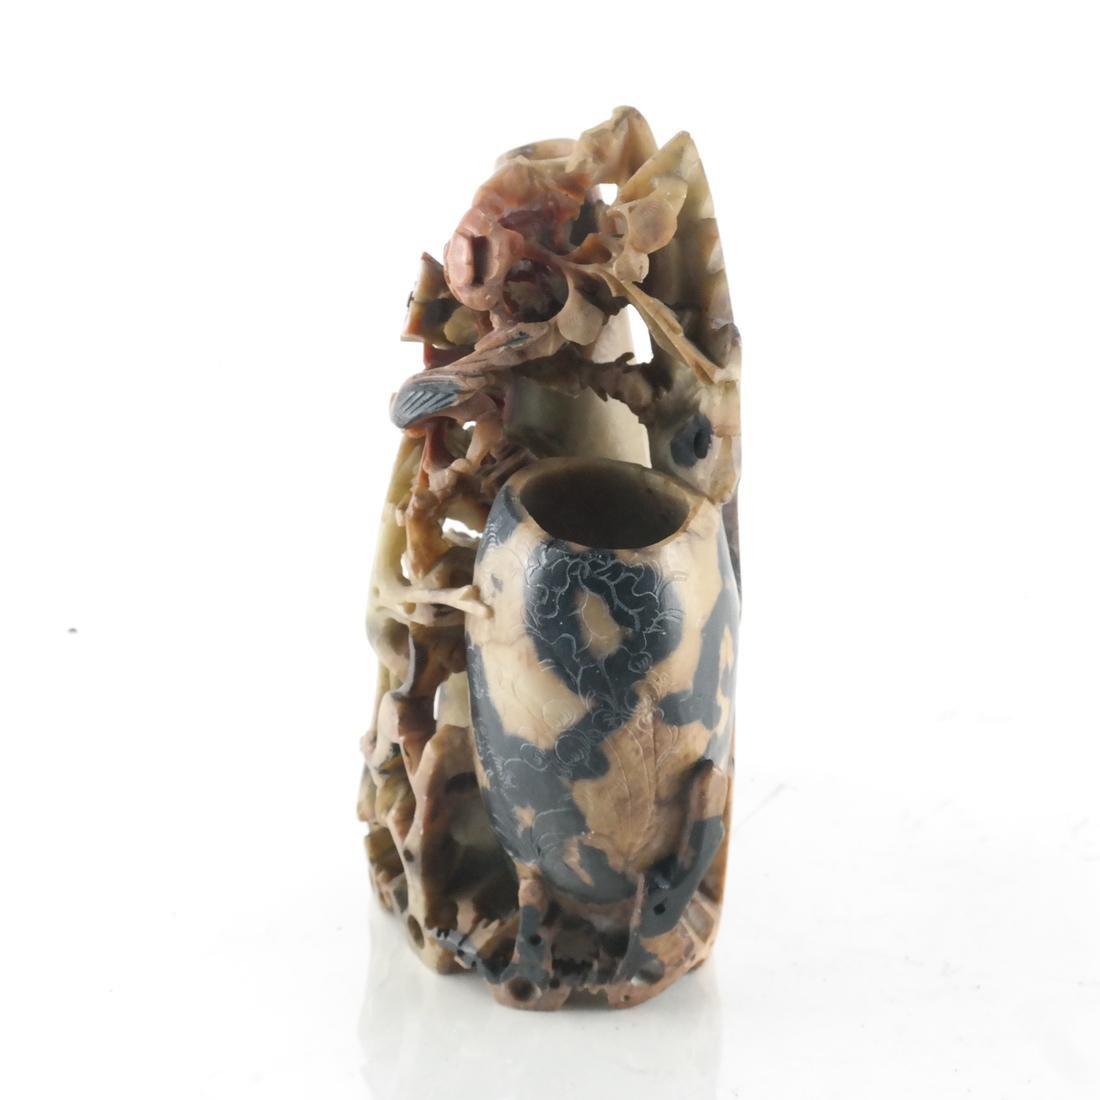 Chinese Ornate Hardstone Vase - 2